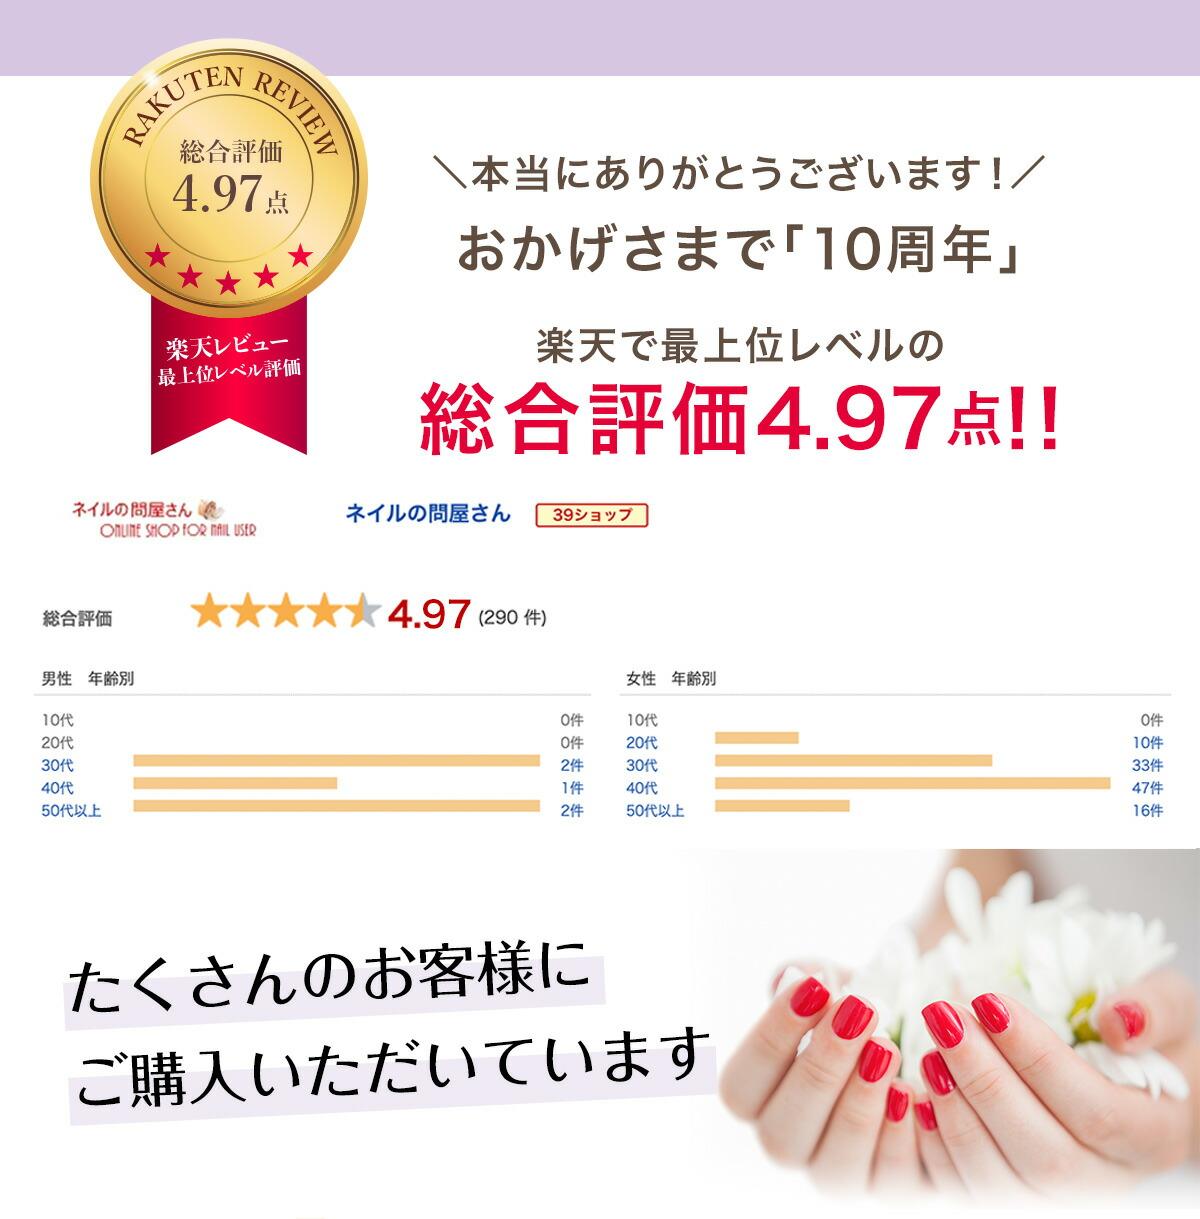 本当にありがとうございます!おかげさまで「9周年」。で最上位レベルの総合評価4.86点!!